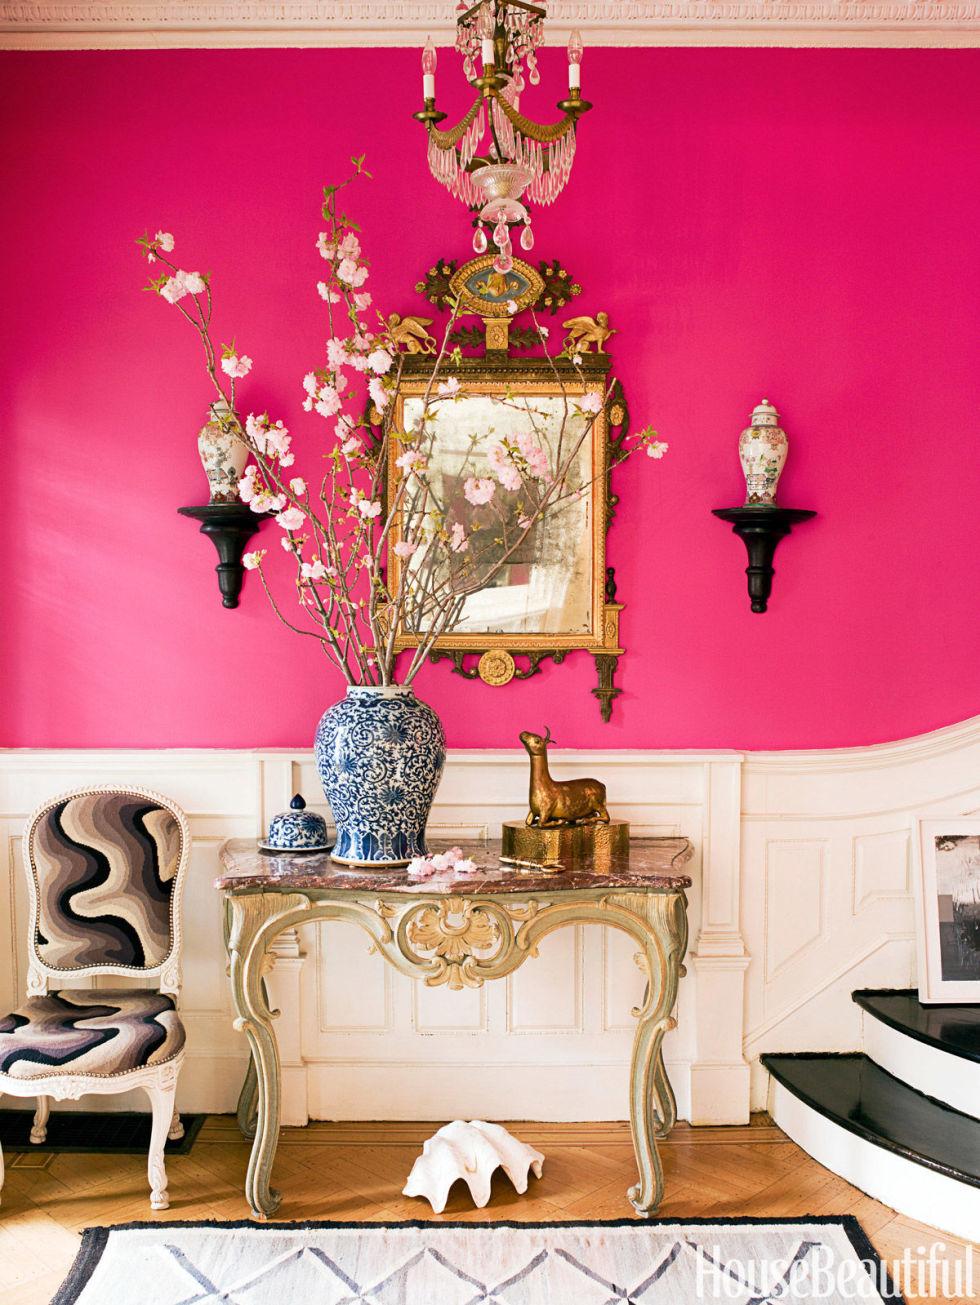 25 Best Paint Colors Ideas For Choosing Home Paint Color